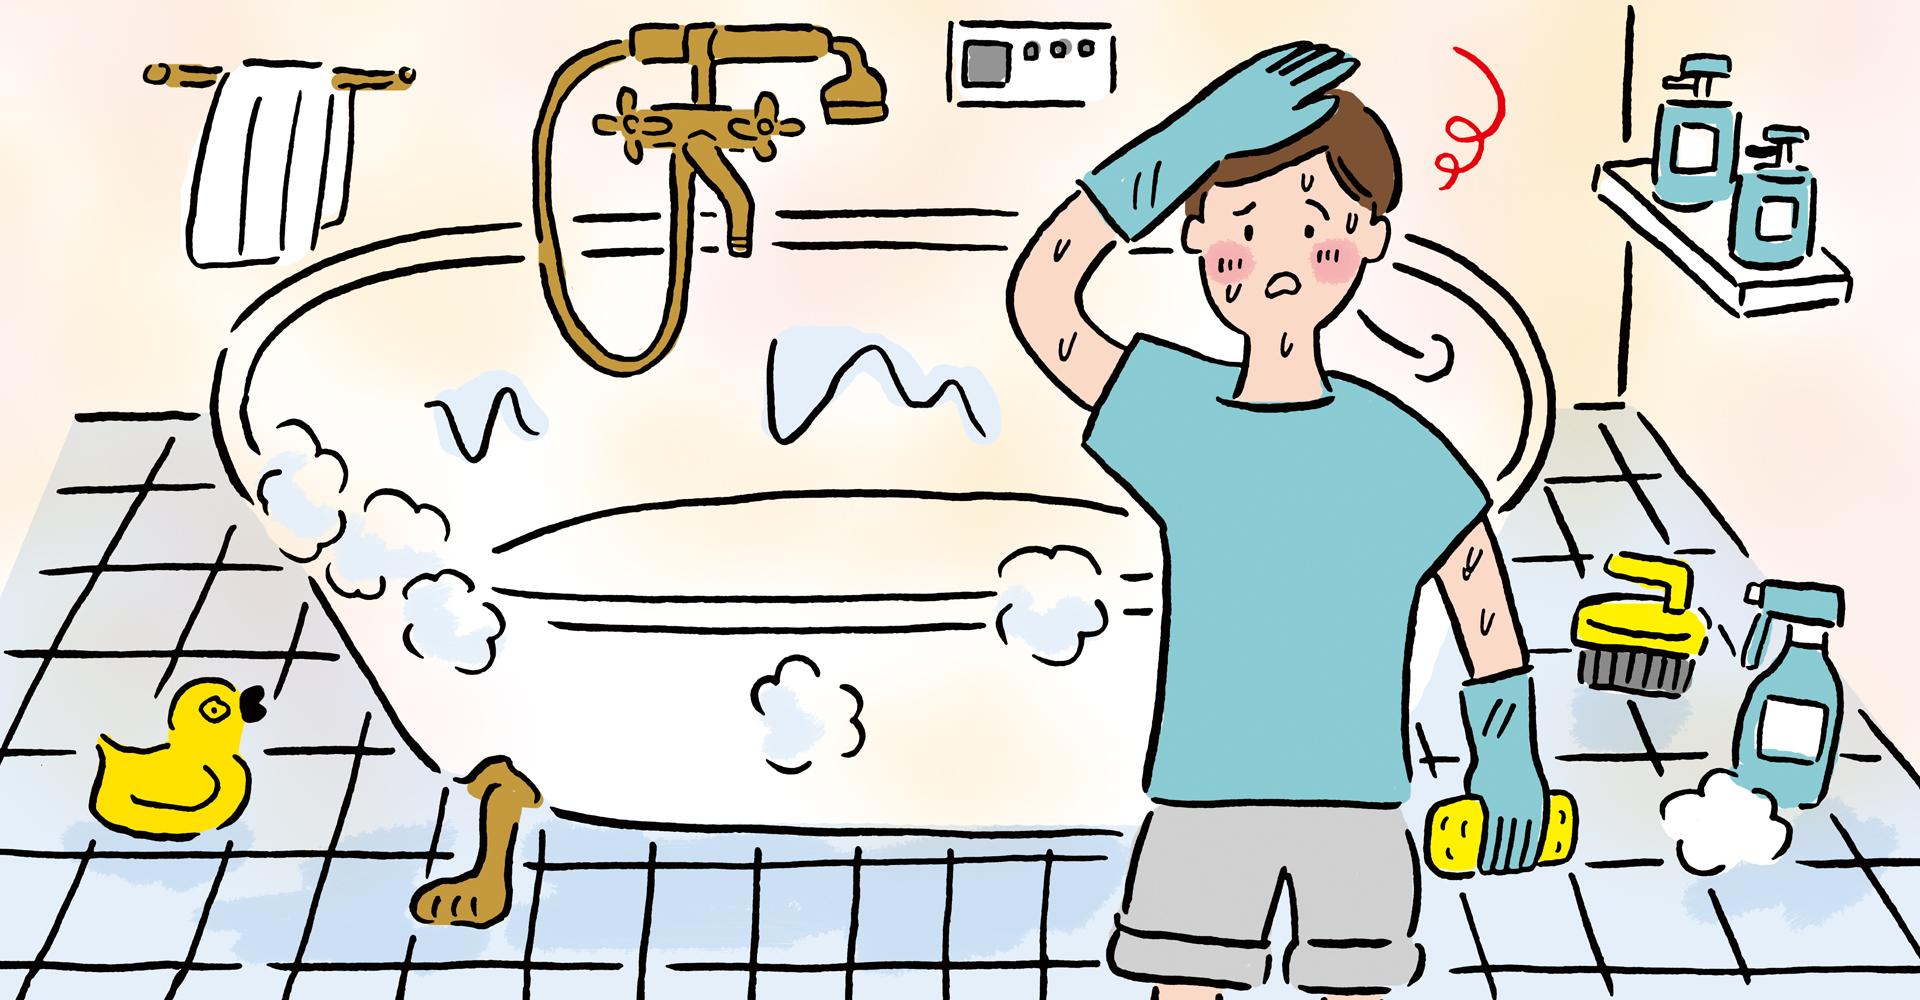 夏のめまいや立ちくらみは「熱中症」の初期症状かも?屋内でも要注意!